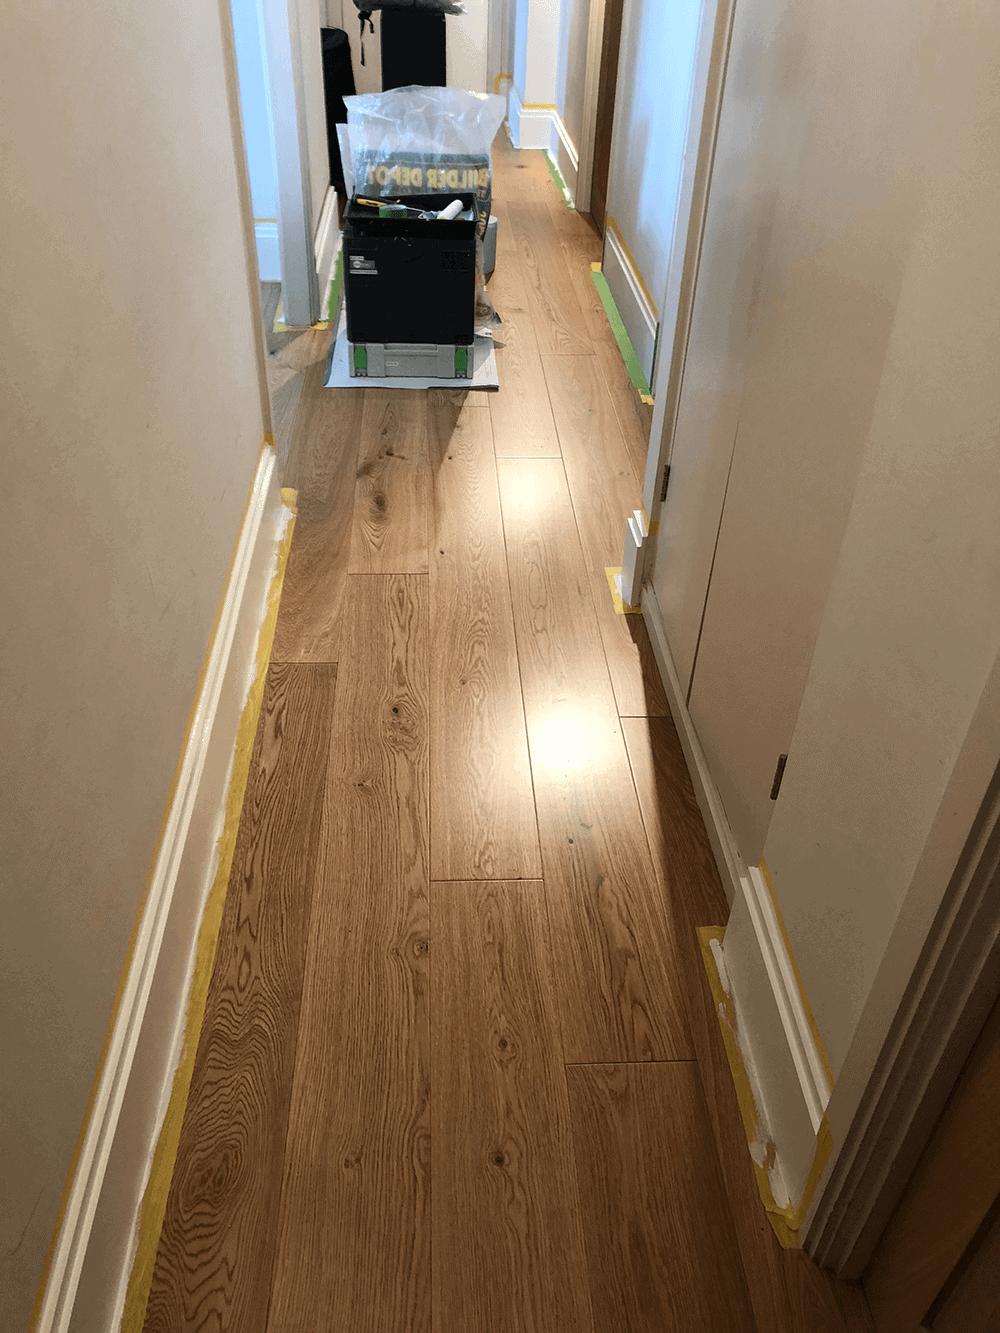 Wooden Floor Hallway